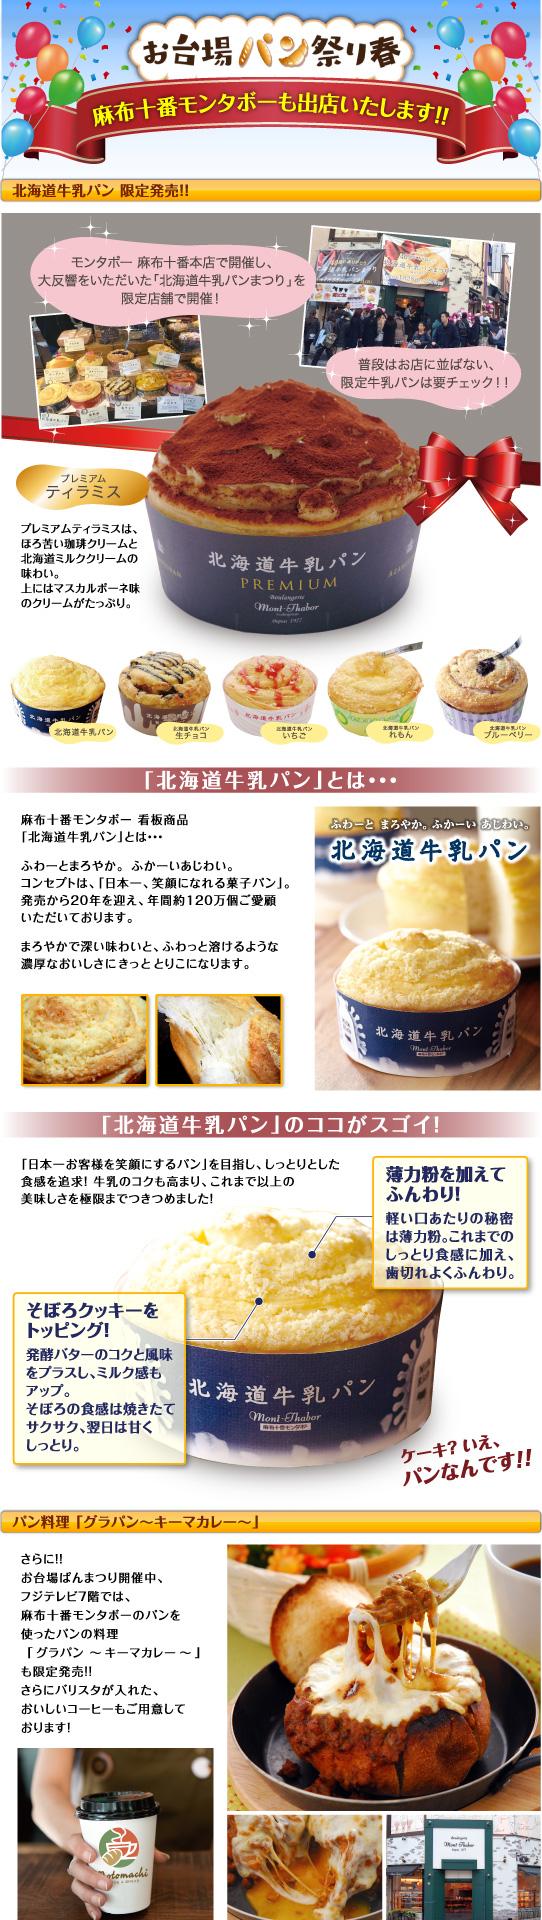 北海道牛乳パン お台場パンまつり